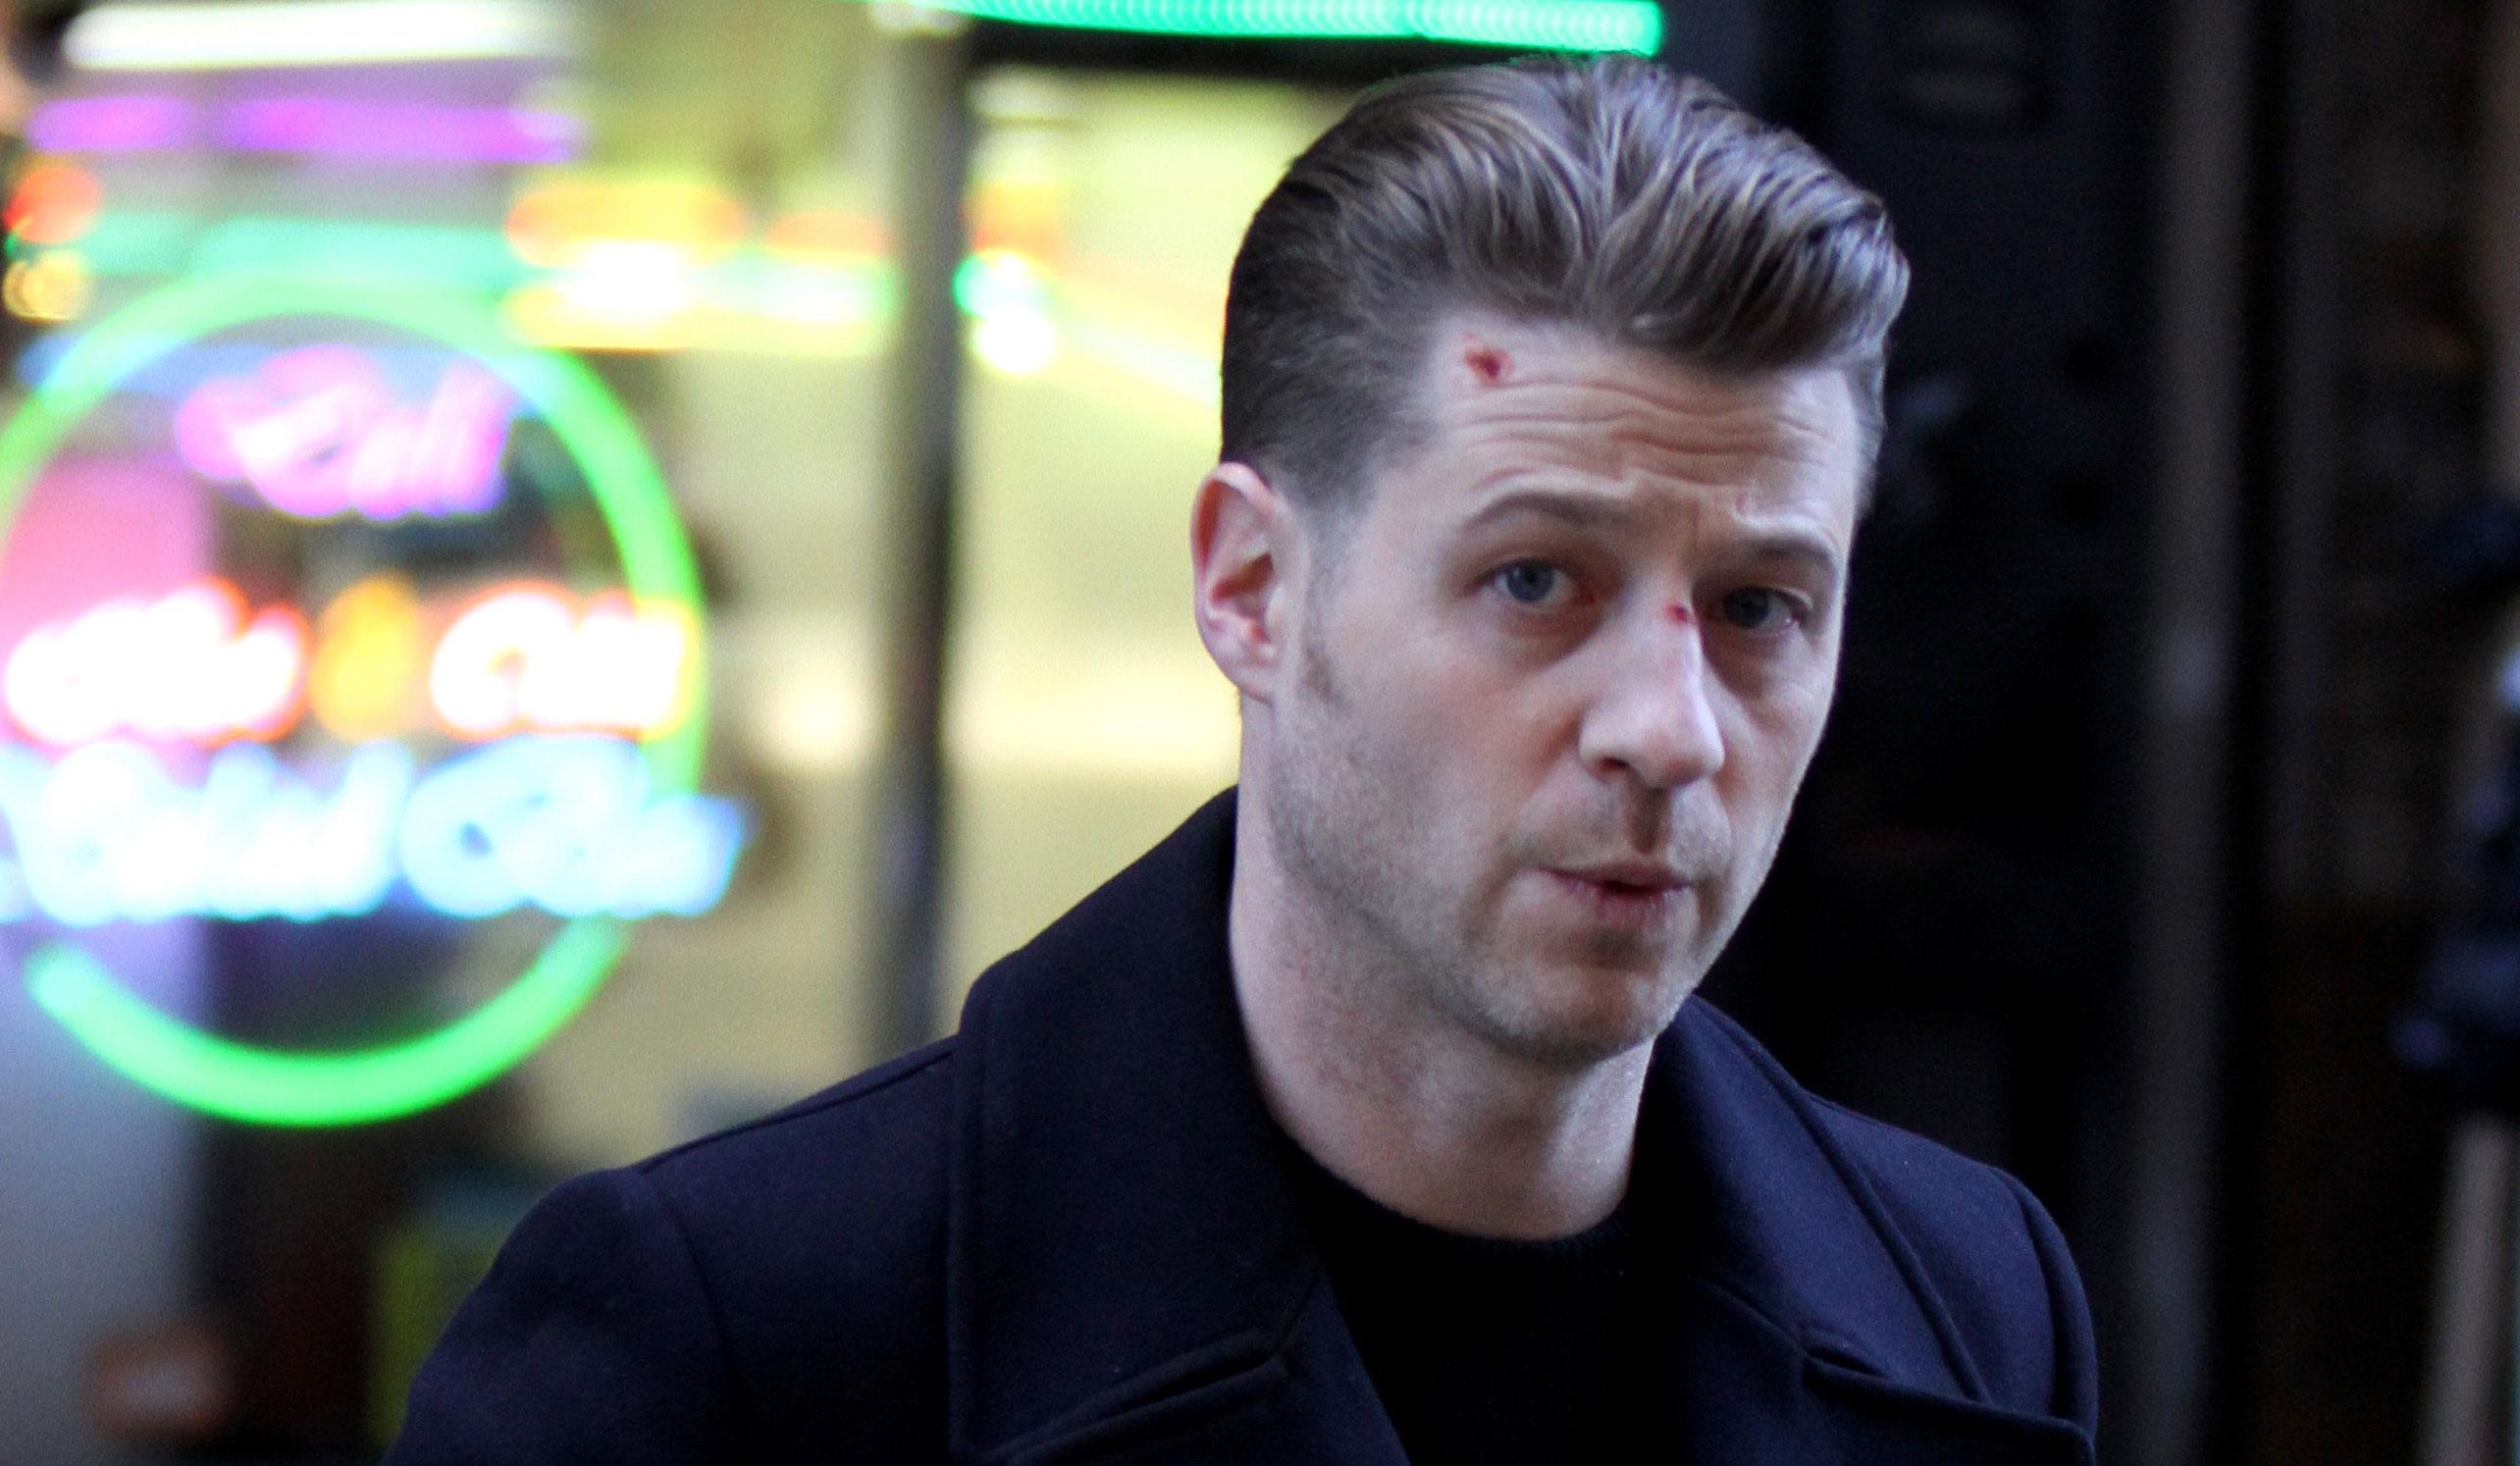 Ben Mckenzie Sports Bloody Face During Gotham Filming Benjamin